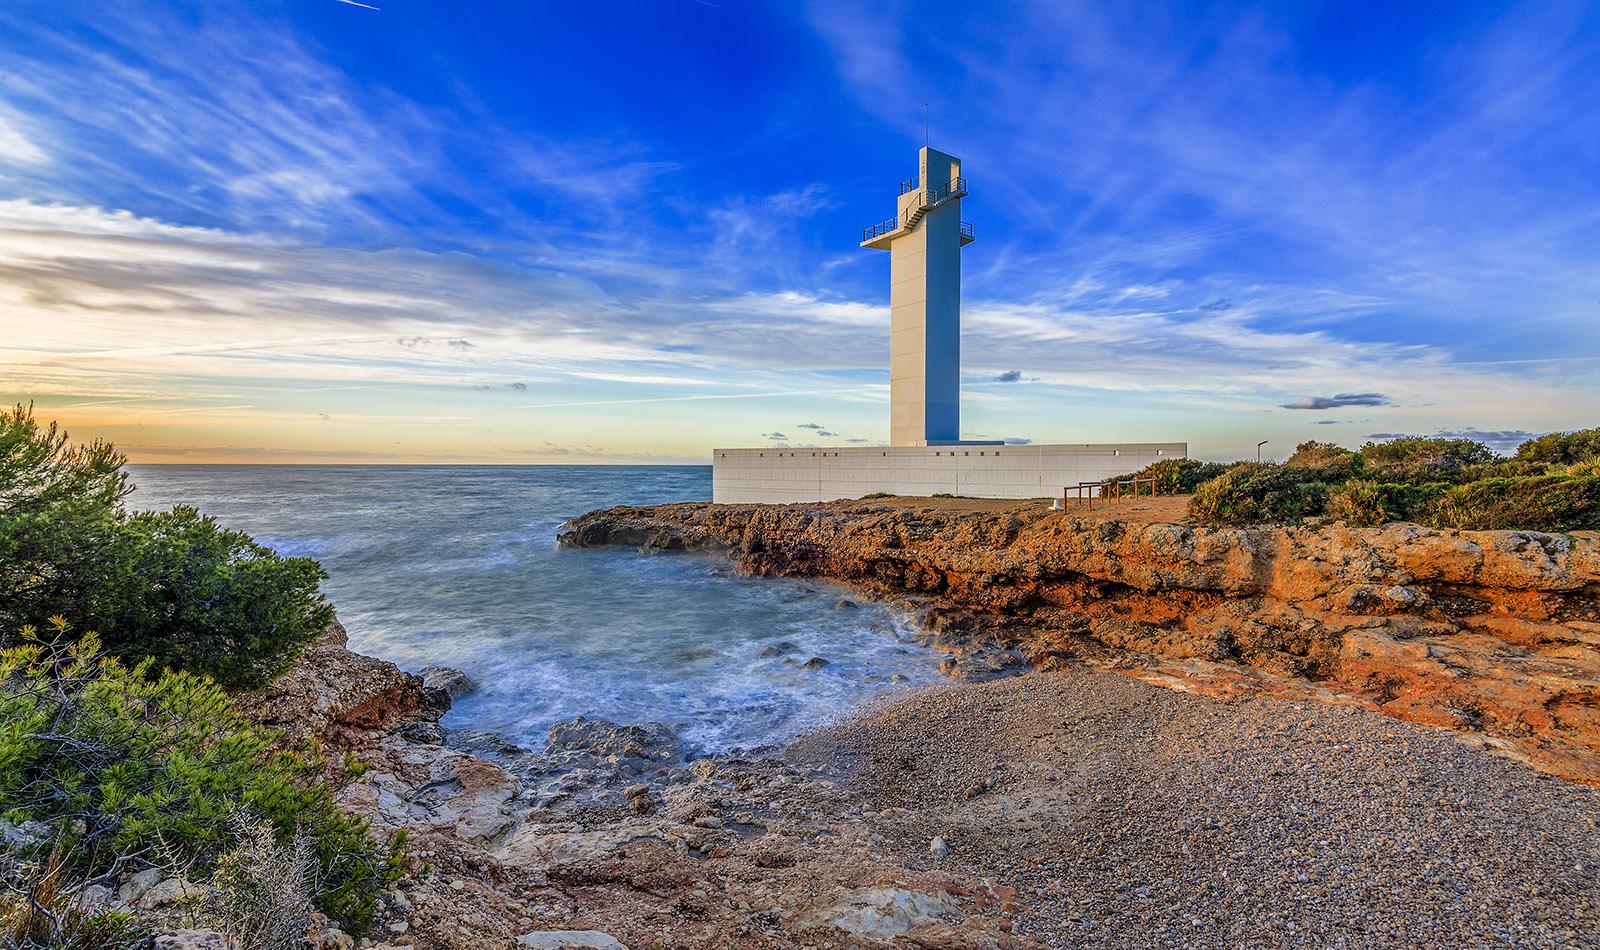 Turismo-Alcossebre-Cala-Mundina-Faro-Alcossebre